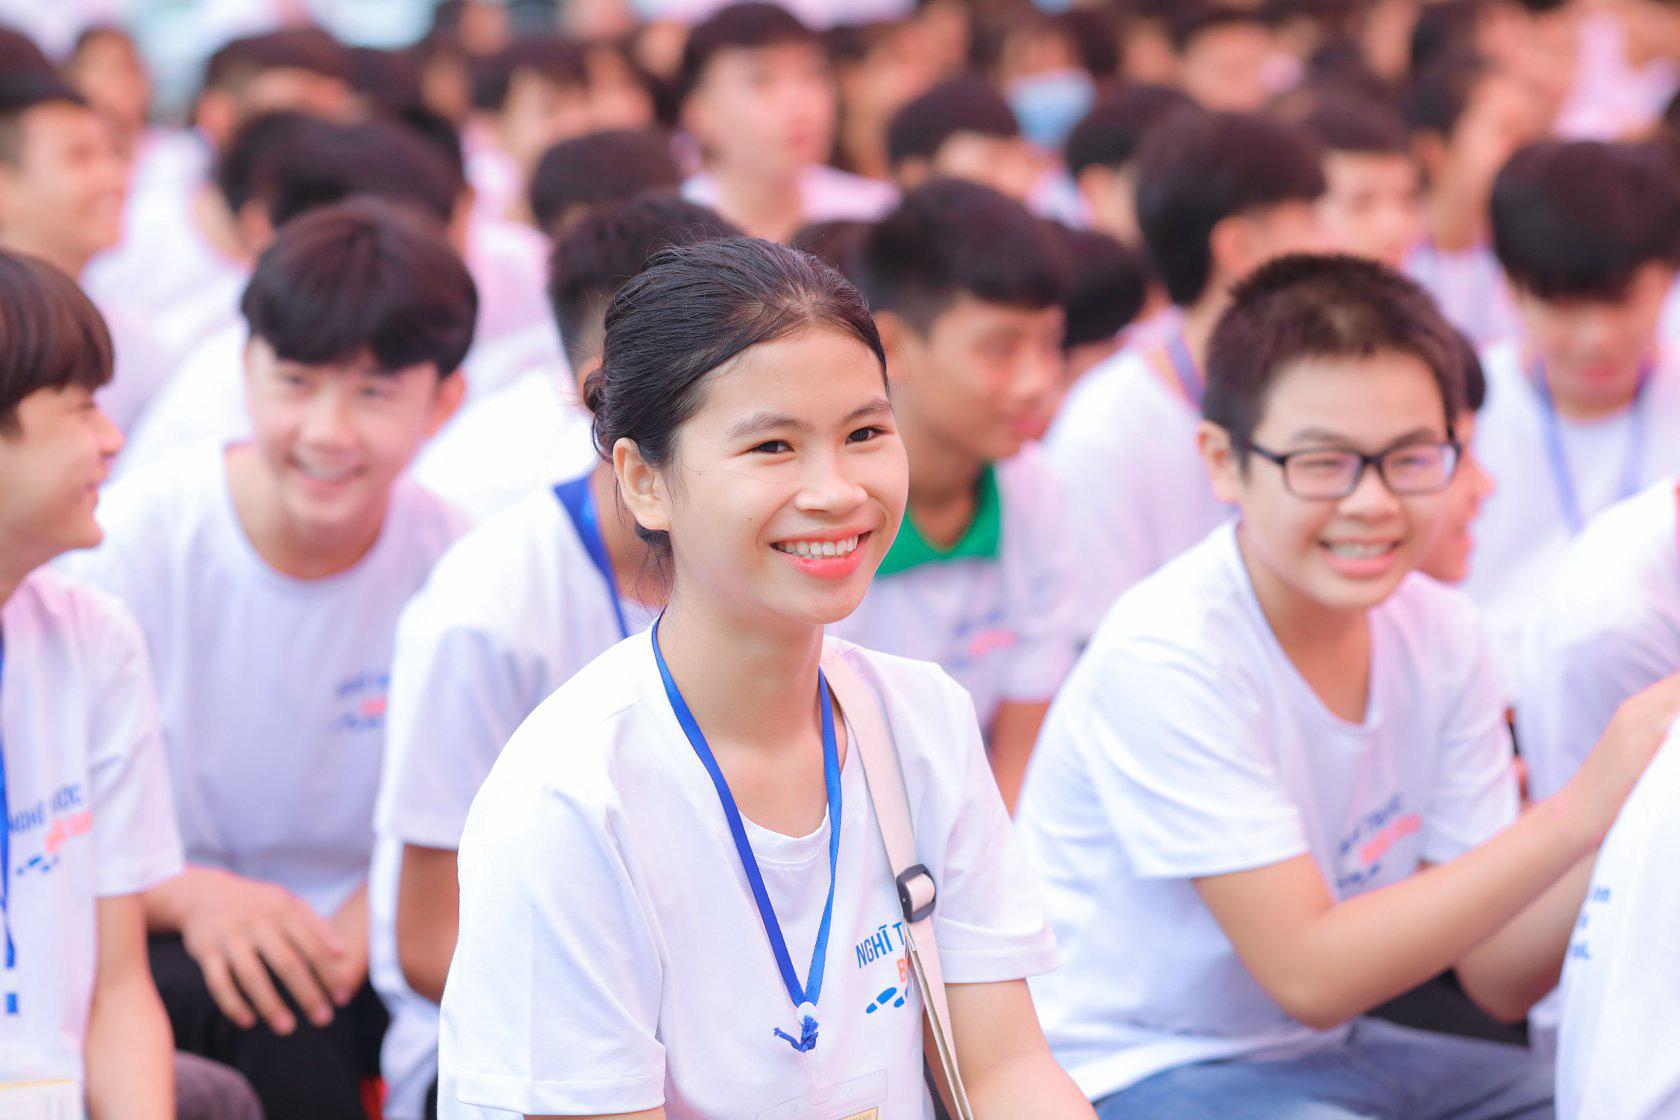 Định hướng nghề nghiệp cho học sinh THPT thành phố Hải Phòng và tỉnh Nghệ An - Ảnh 3.